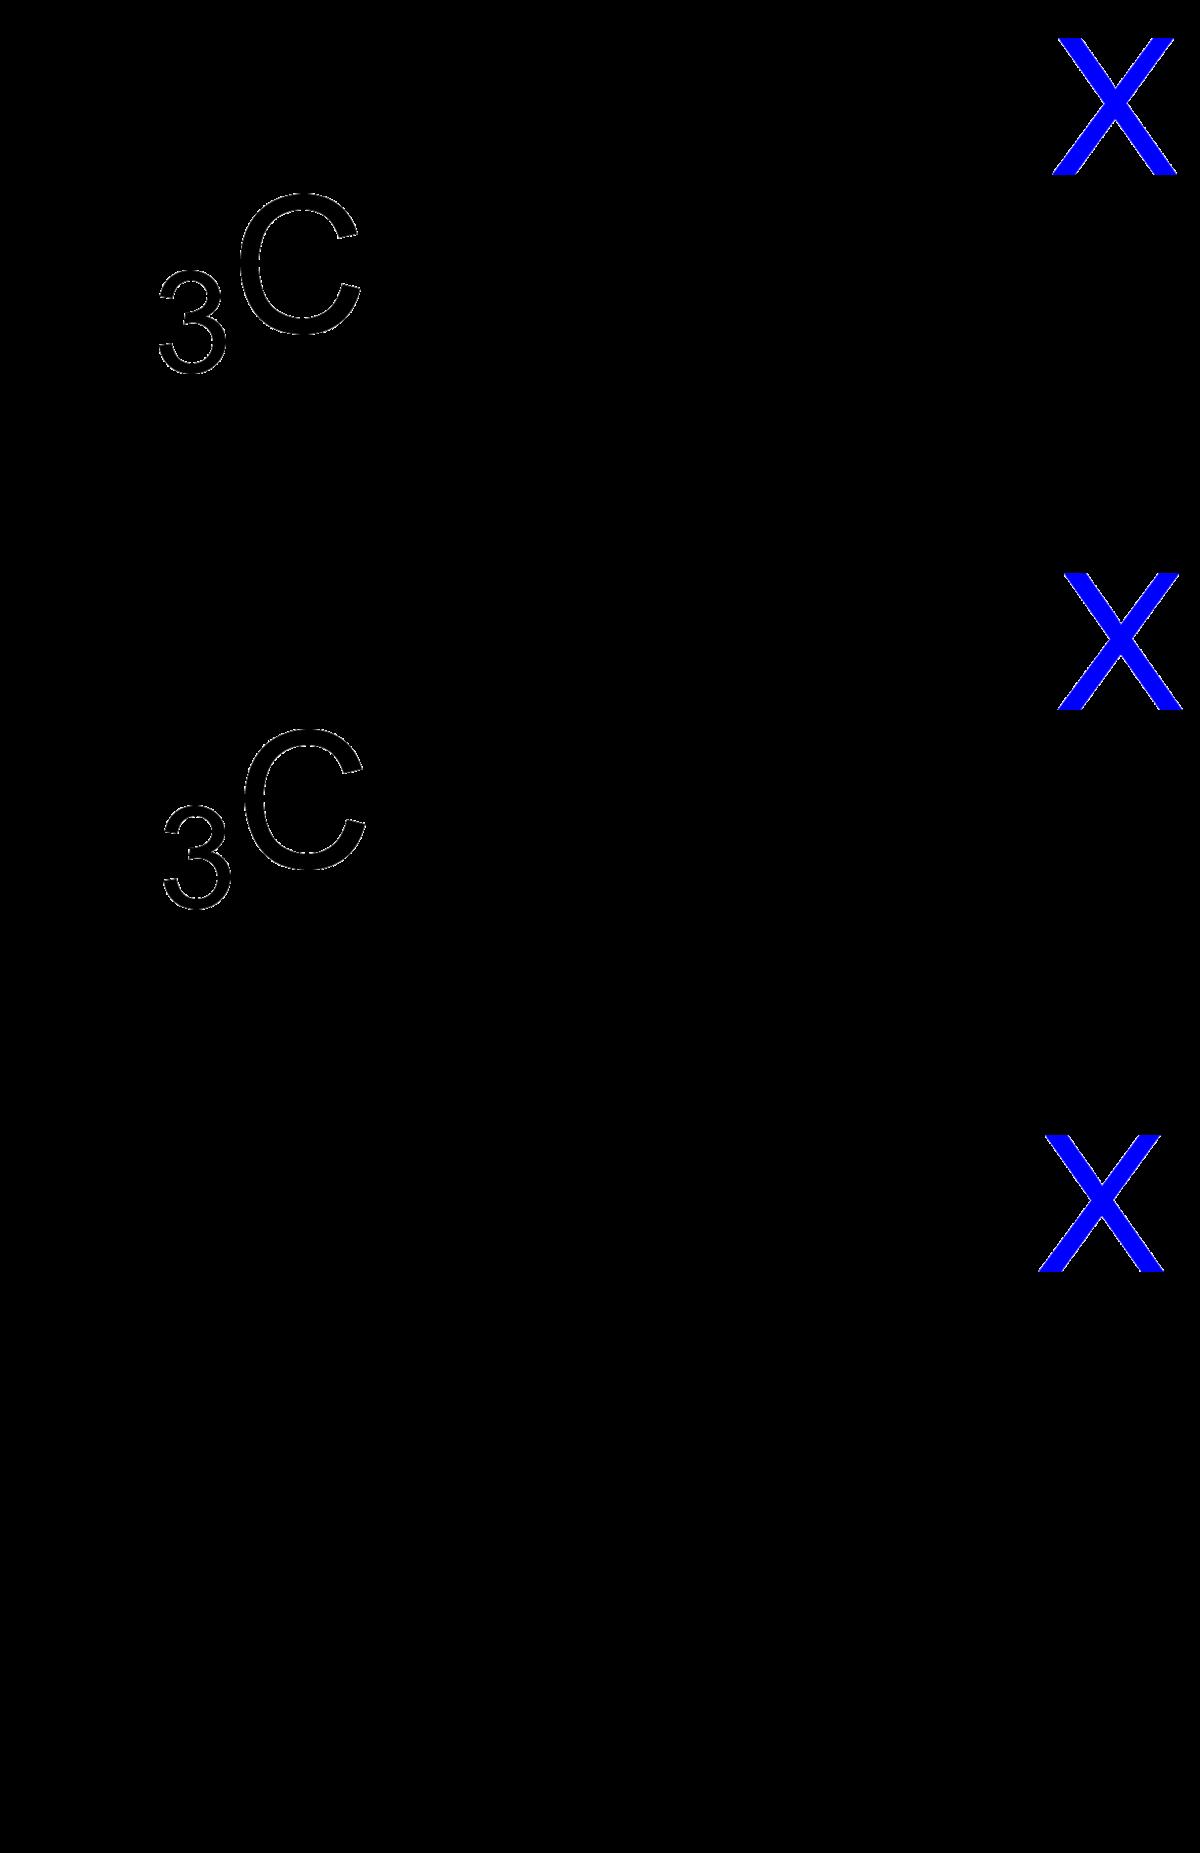 Halogenkohlenwasserstoffe – Wikipedia